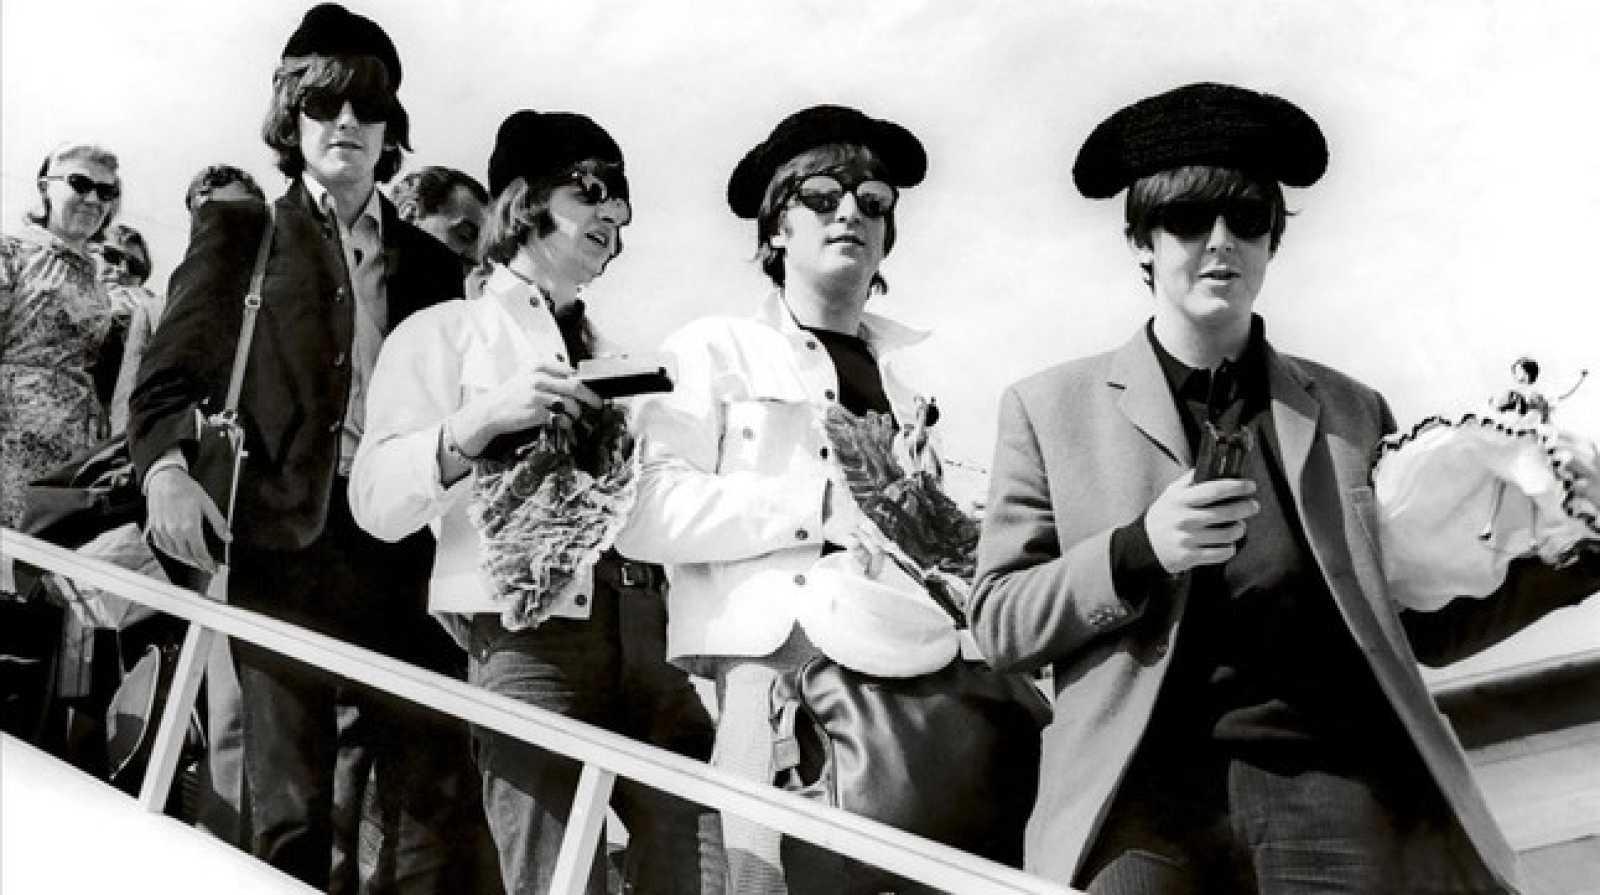 La vida és dura - 50 anys de Beatles